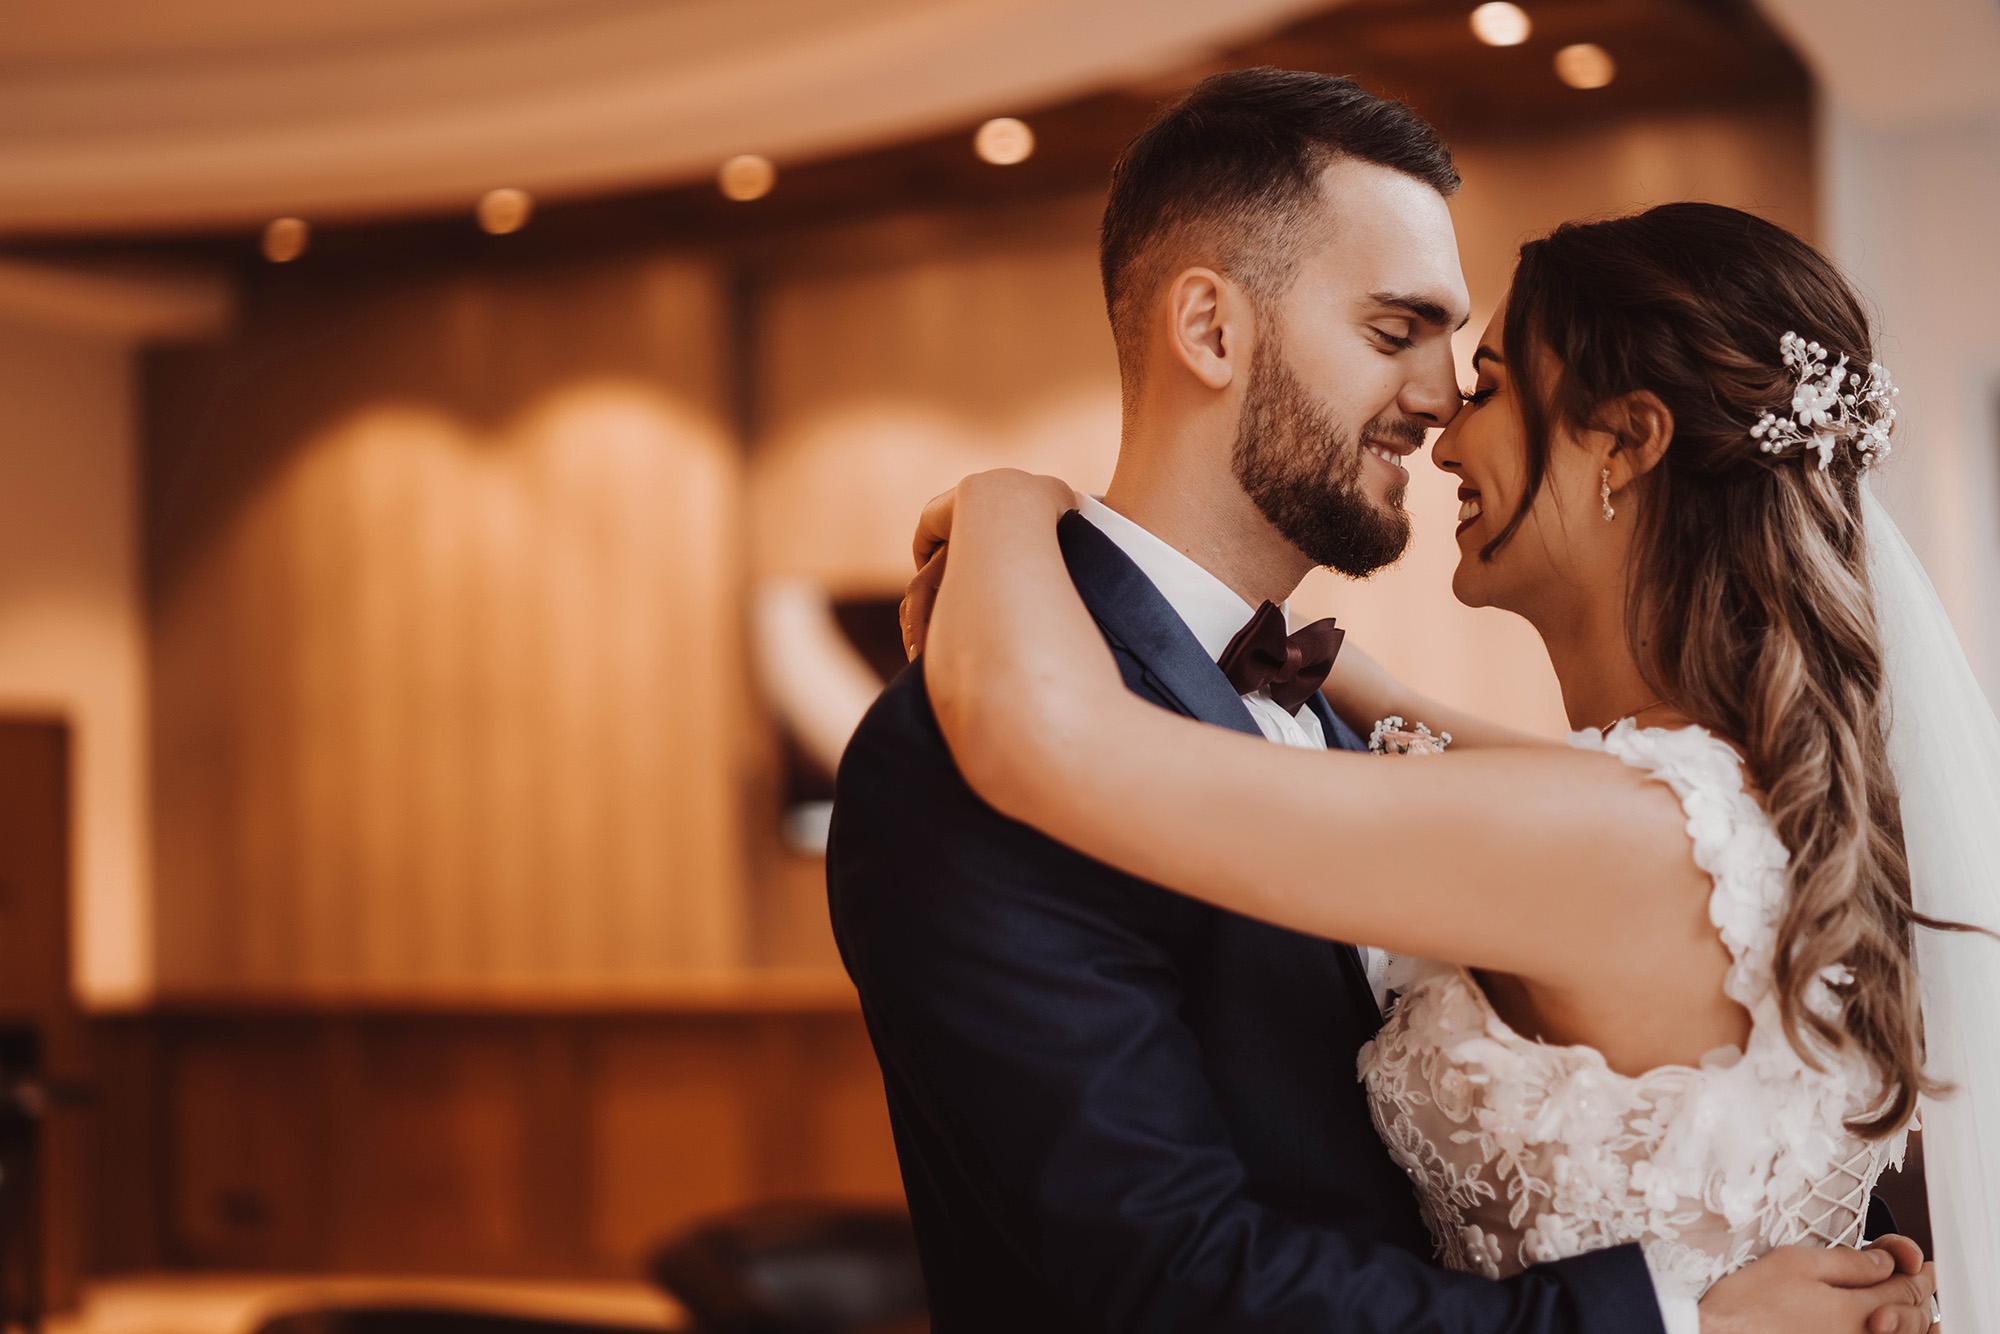 Braut und Bräutigam umarmen einander mit einem Lächeln.jpg